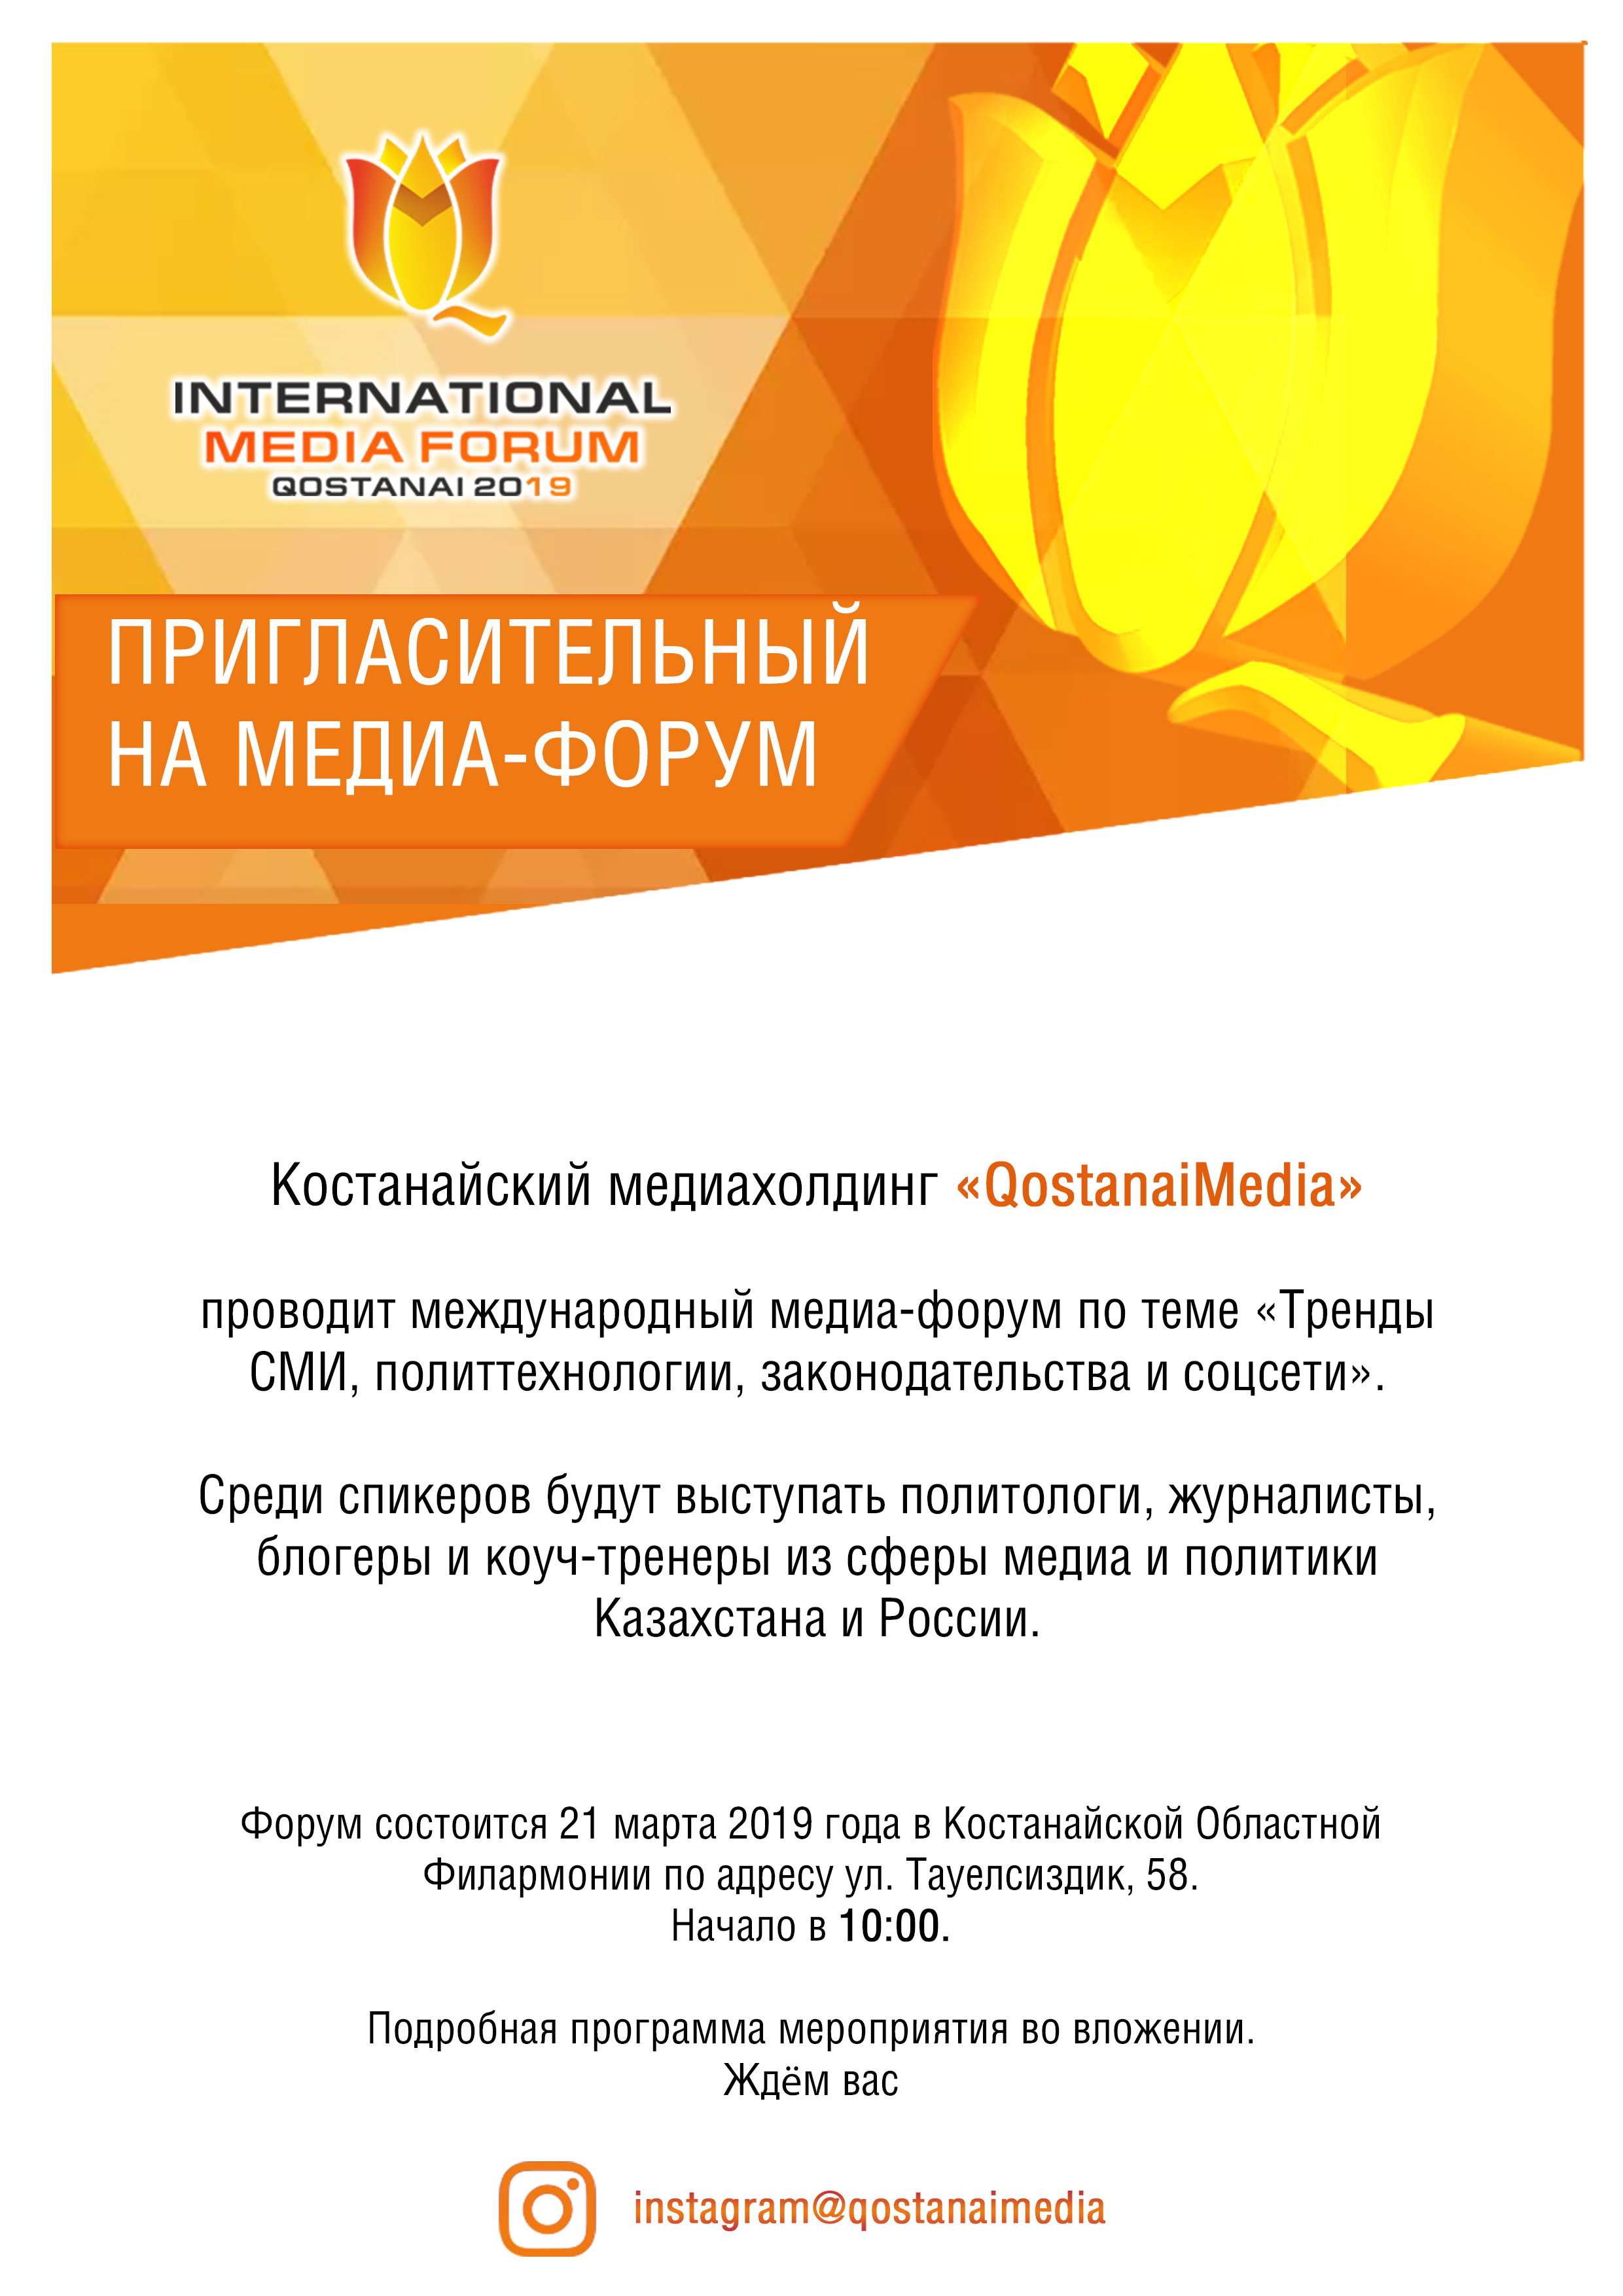 В Костанае пройдет первый медиа-форум